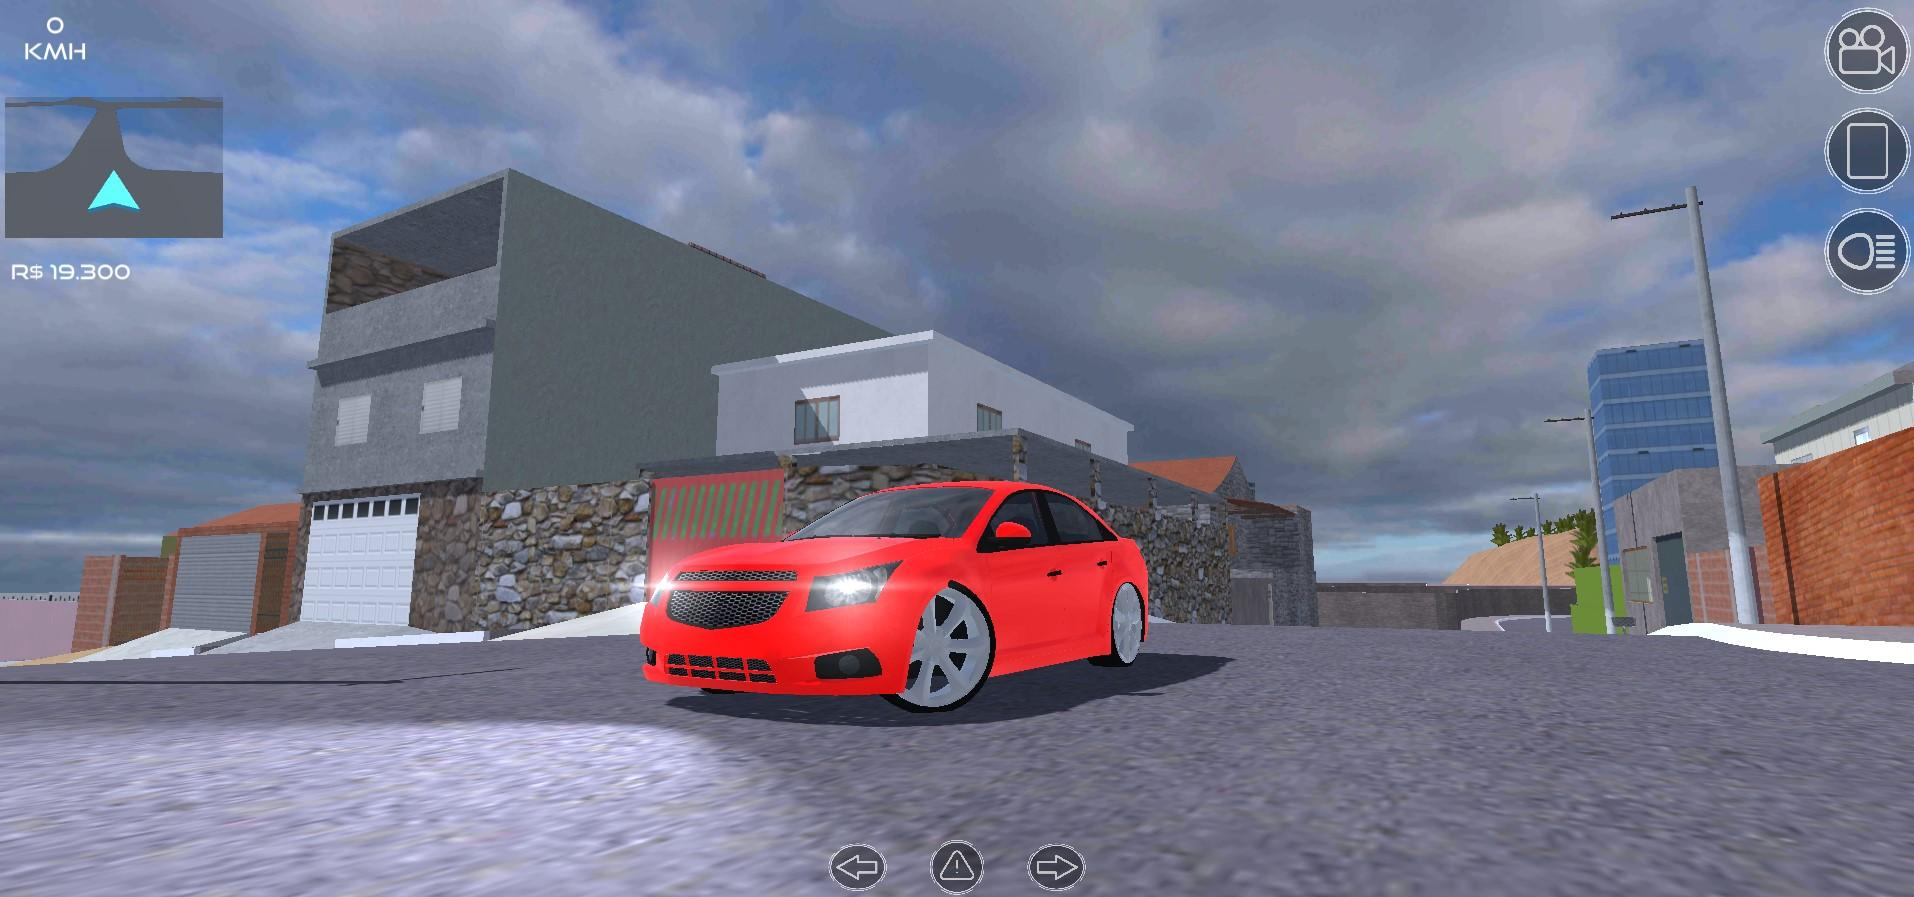 遨游荷兰汽车模拟2截图